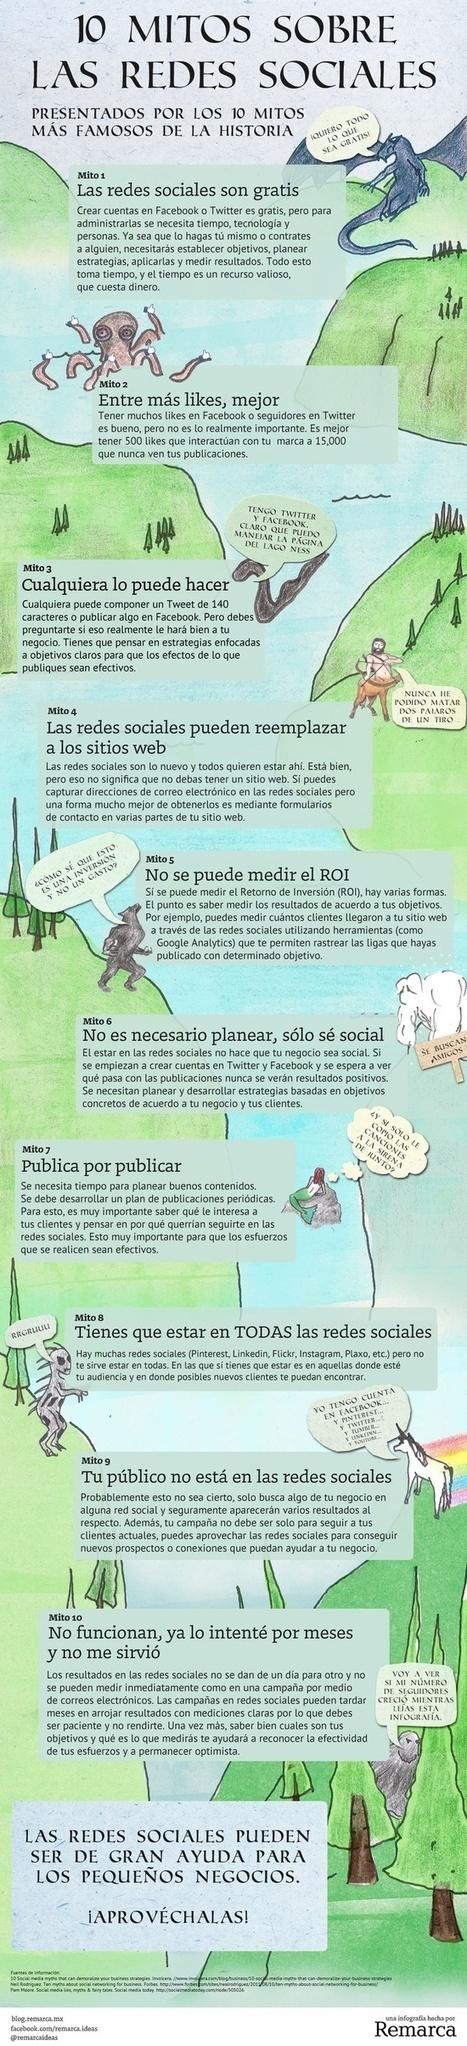 10 Mitos sobre las Redes Sociales | El Content Curator Semanal | Scoop.it